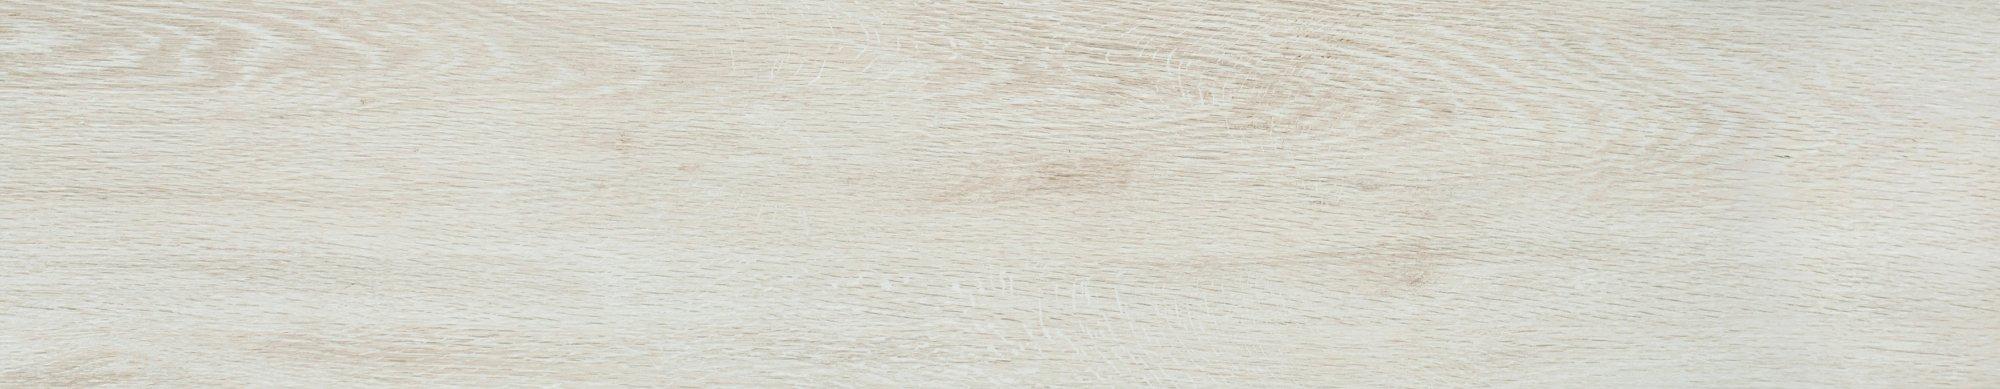 Catalea bianco - dlaždice 17,5x90 bílá